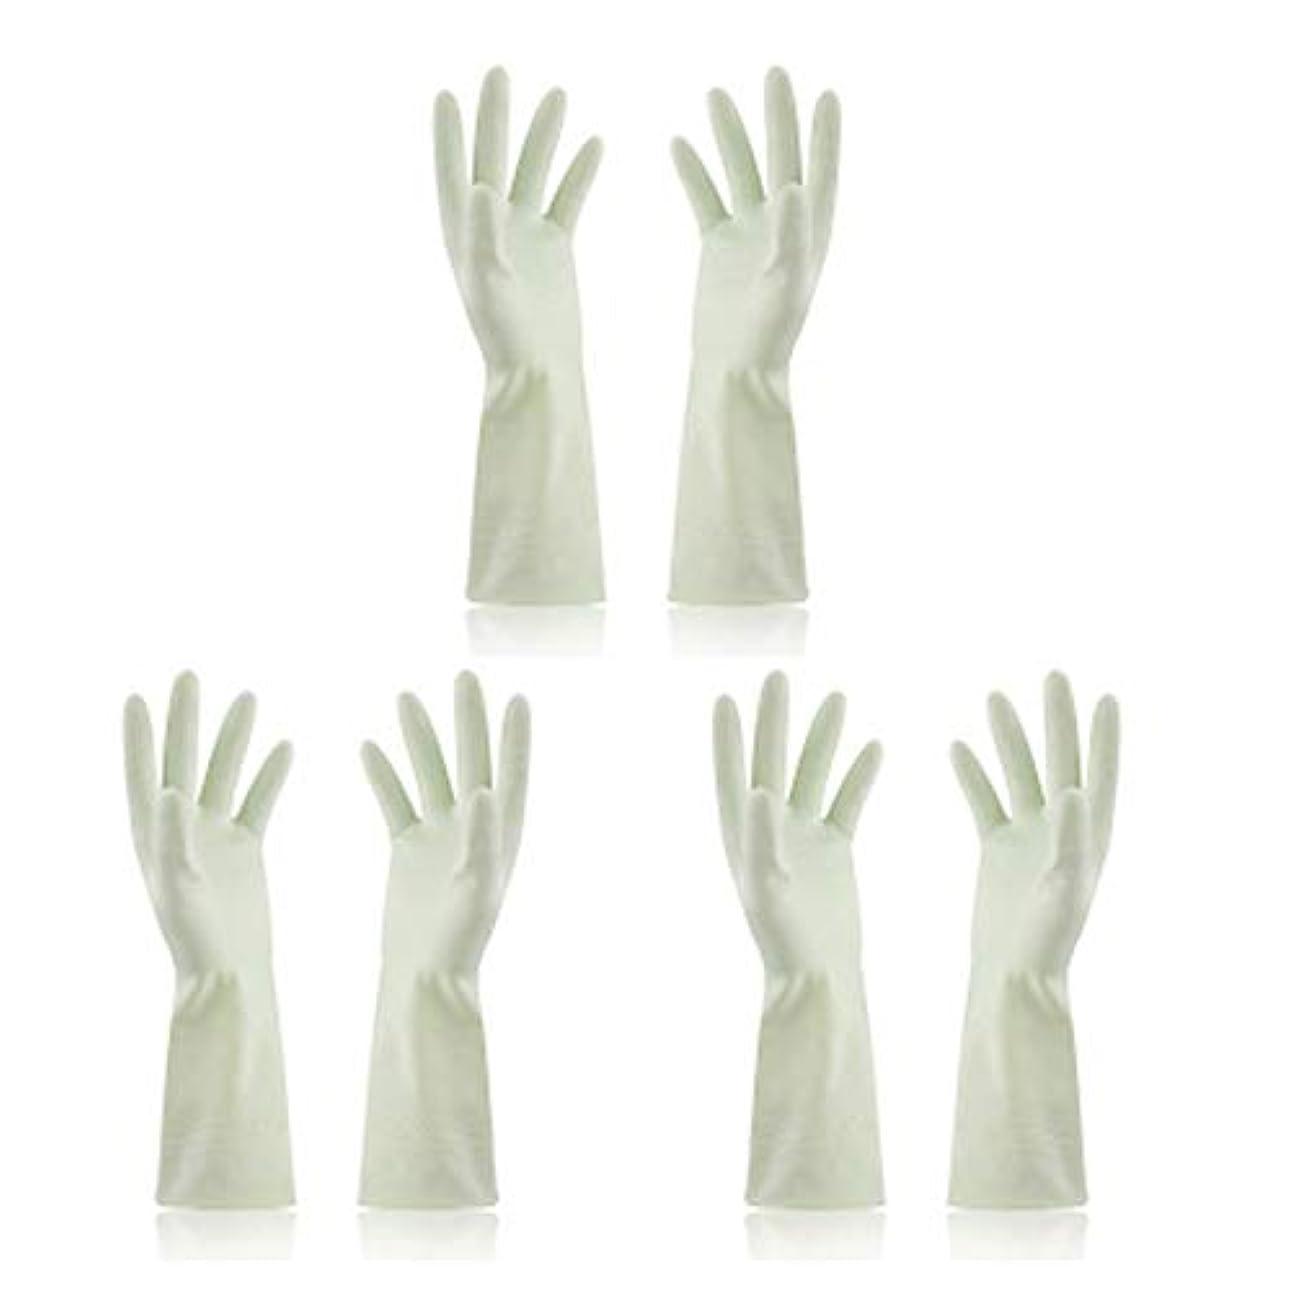 心のこもった滅多最近BTXXYJP キッチン用手袋 手袋 食器洗い 炊事 作業 食器洗い 掃除 園芸 洗車 防水 防油 手袋 (Color : Green, Size : M)